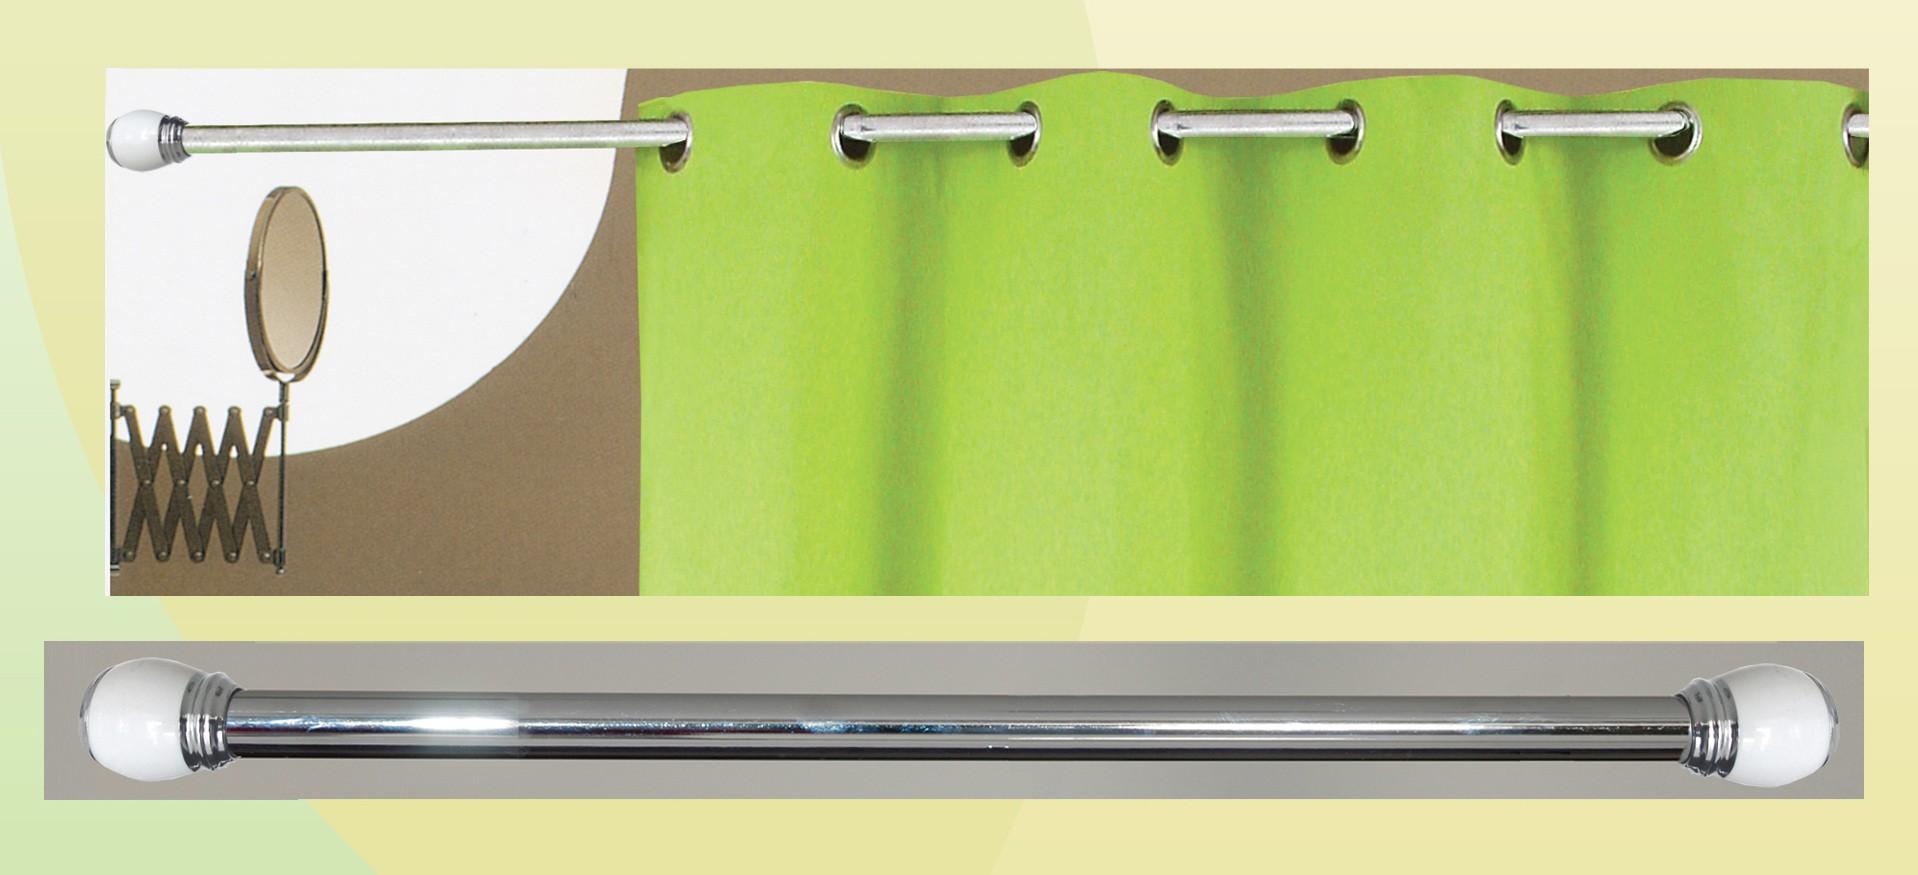 Βραχίονας Μπάνιου Πτυσσόμενος 110-200cm San Lorentzo Chrome 010 home   μπάνιο   βραχίονες μπάνιου